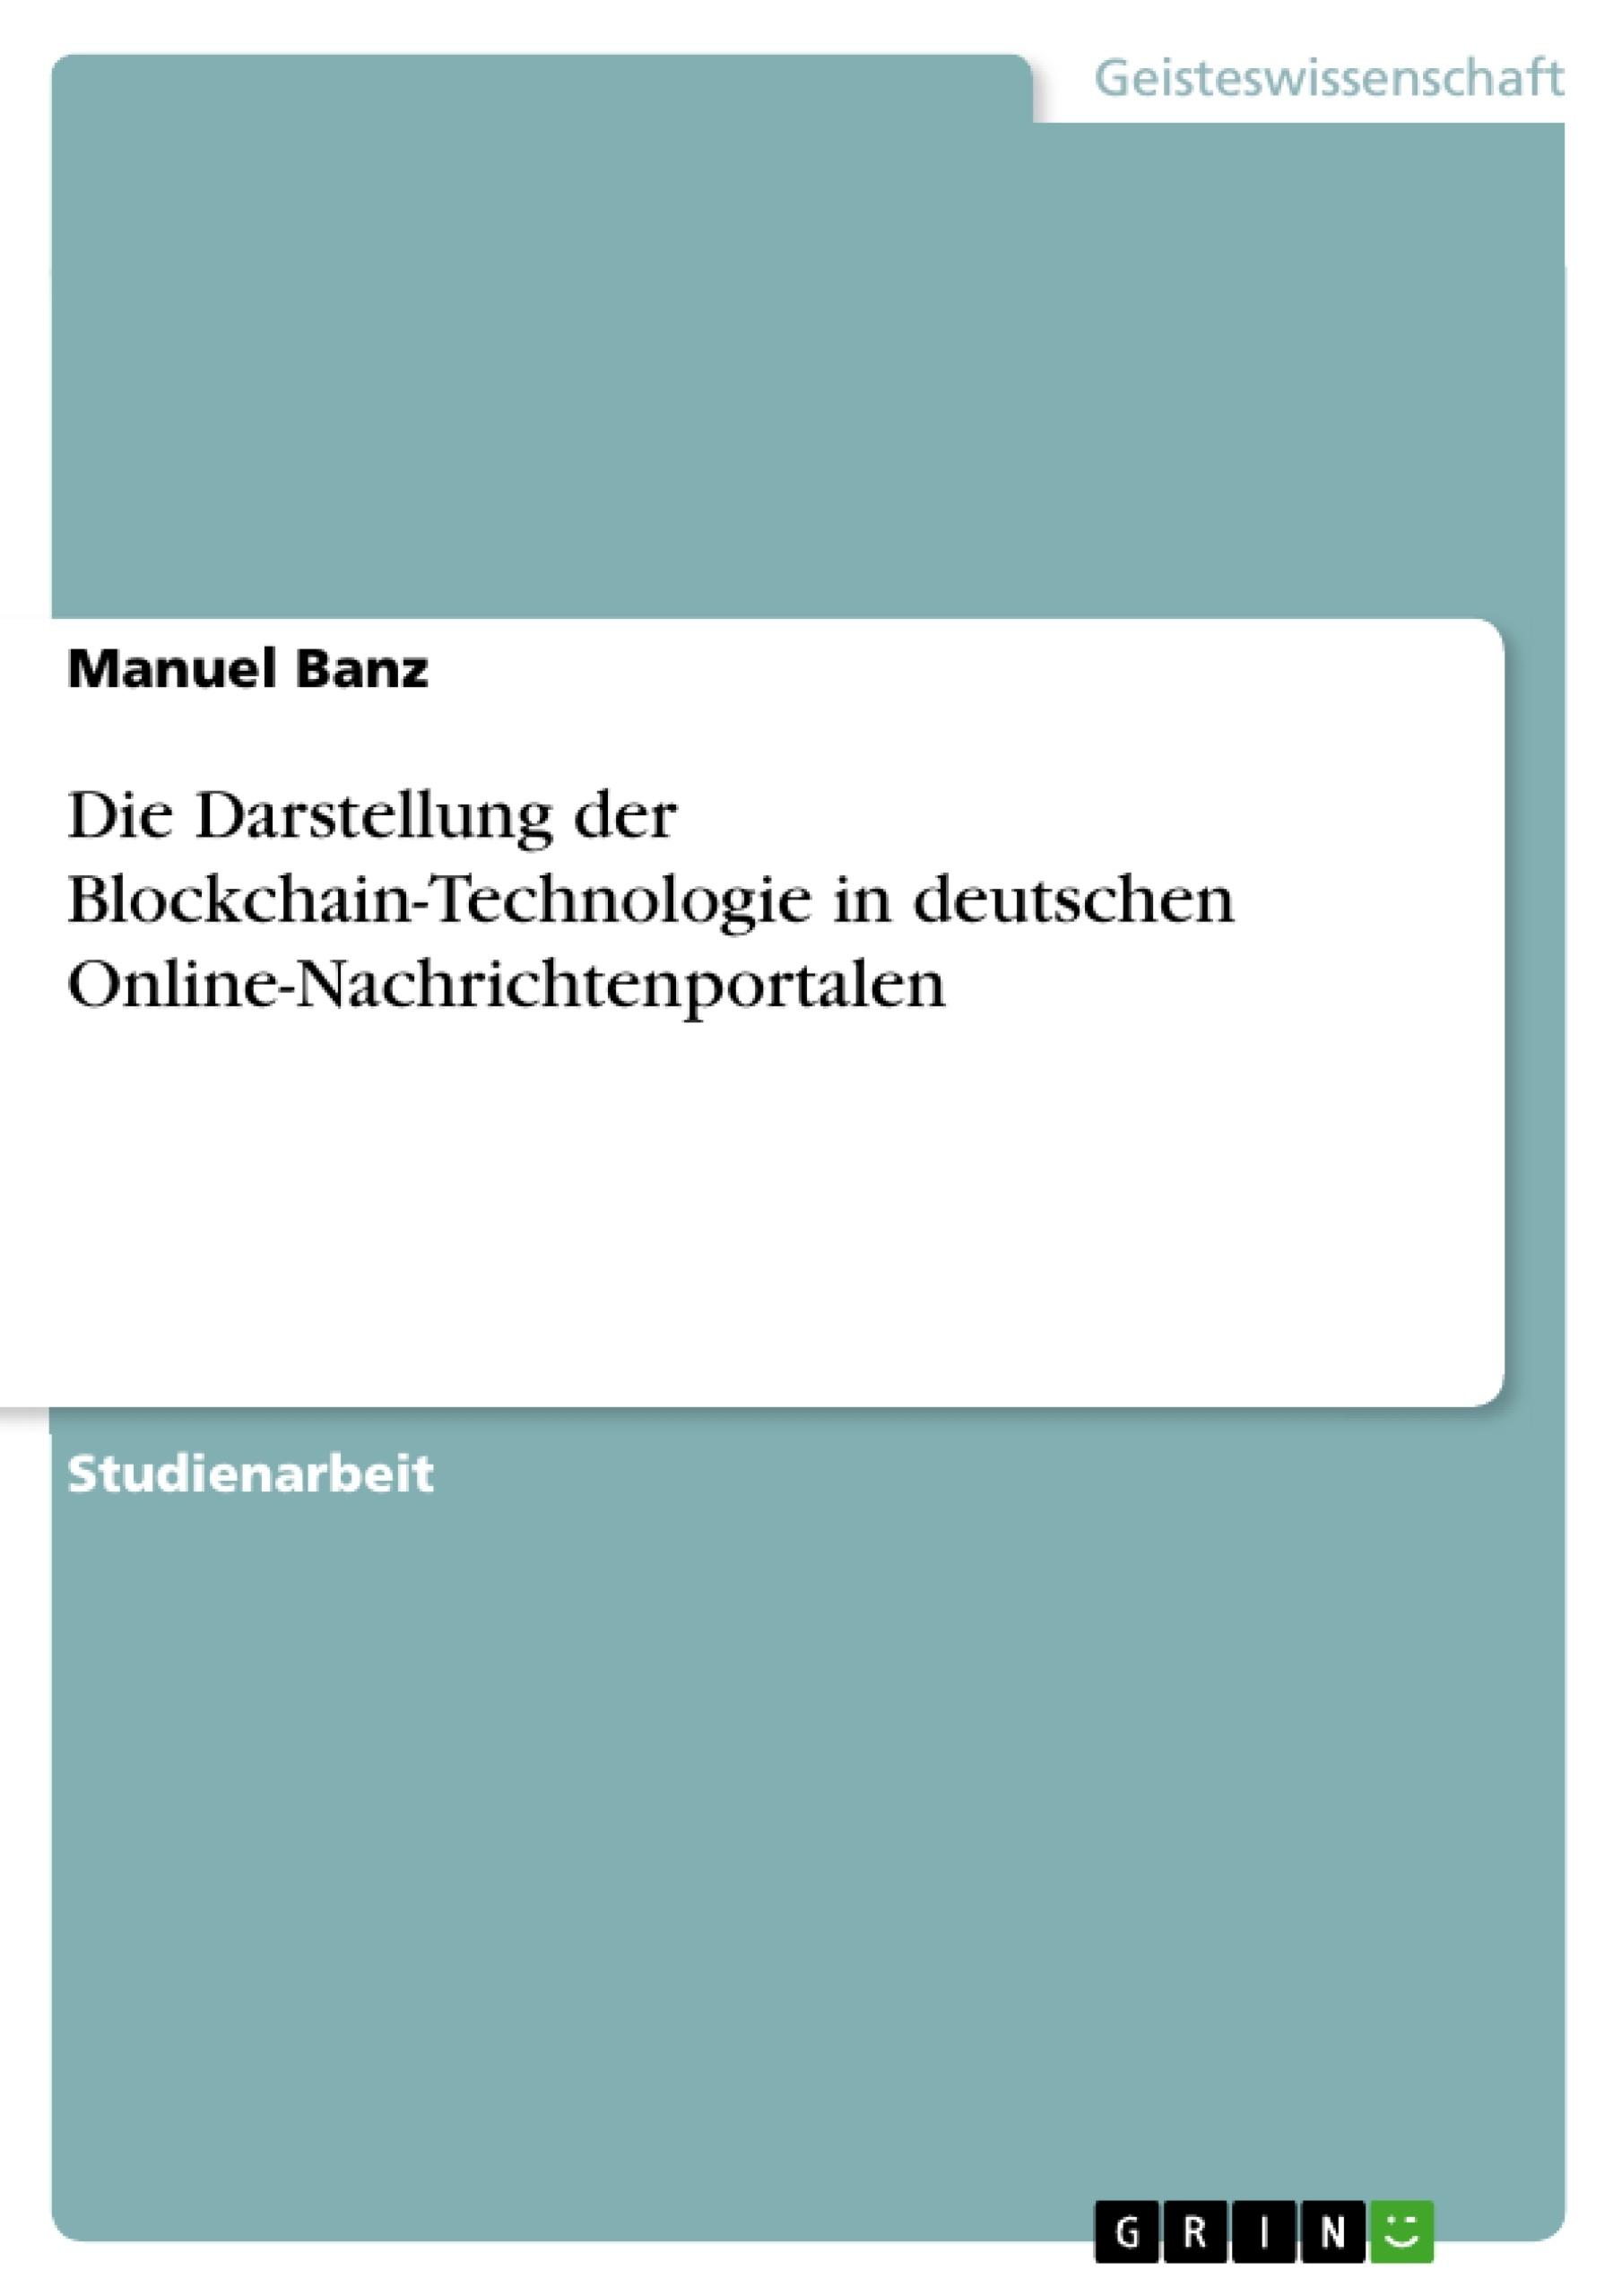 Titel: Die Darstellung der Blockchain-Technologie in deutschen Online-Nachrichtenportalen